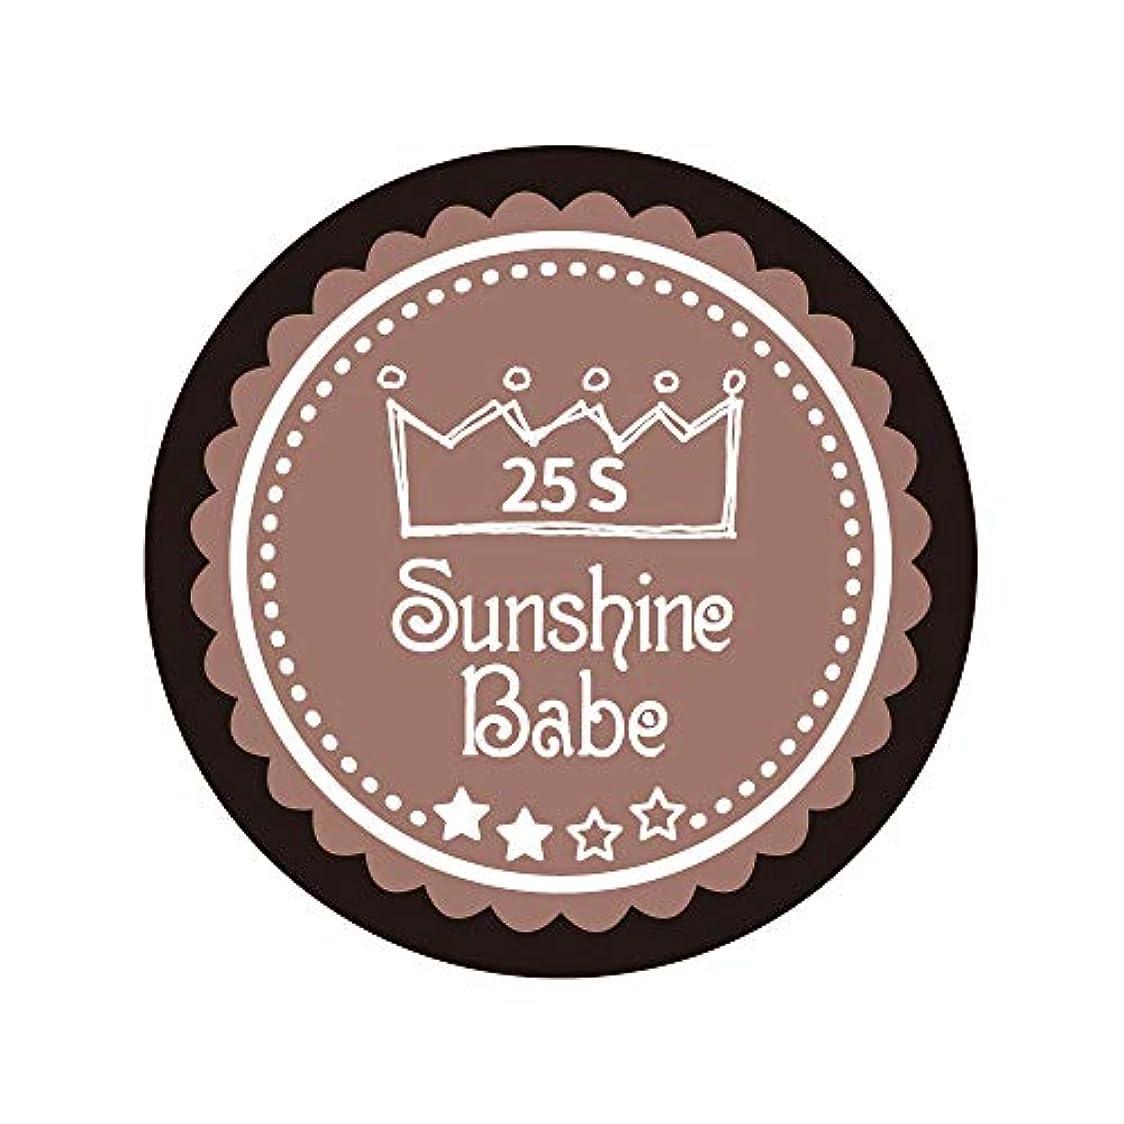 達成ストレス設置Sunshine Babe カラージェル 25S ミルキーココア 2.7g UV/LED対応